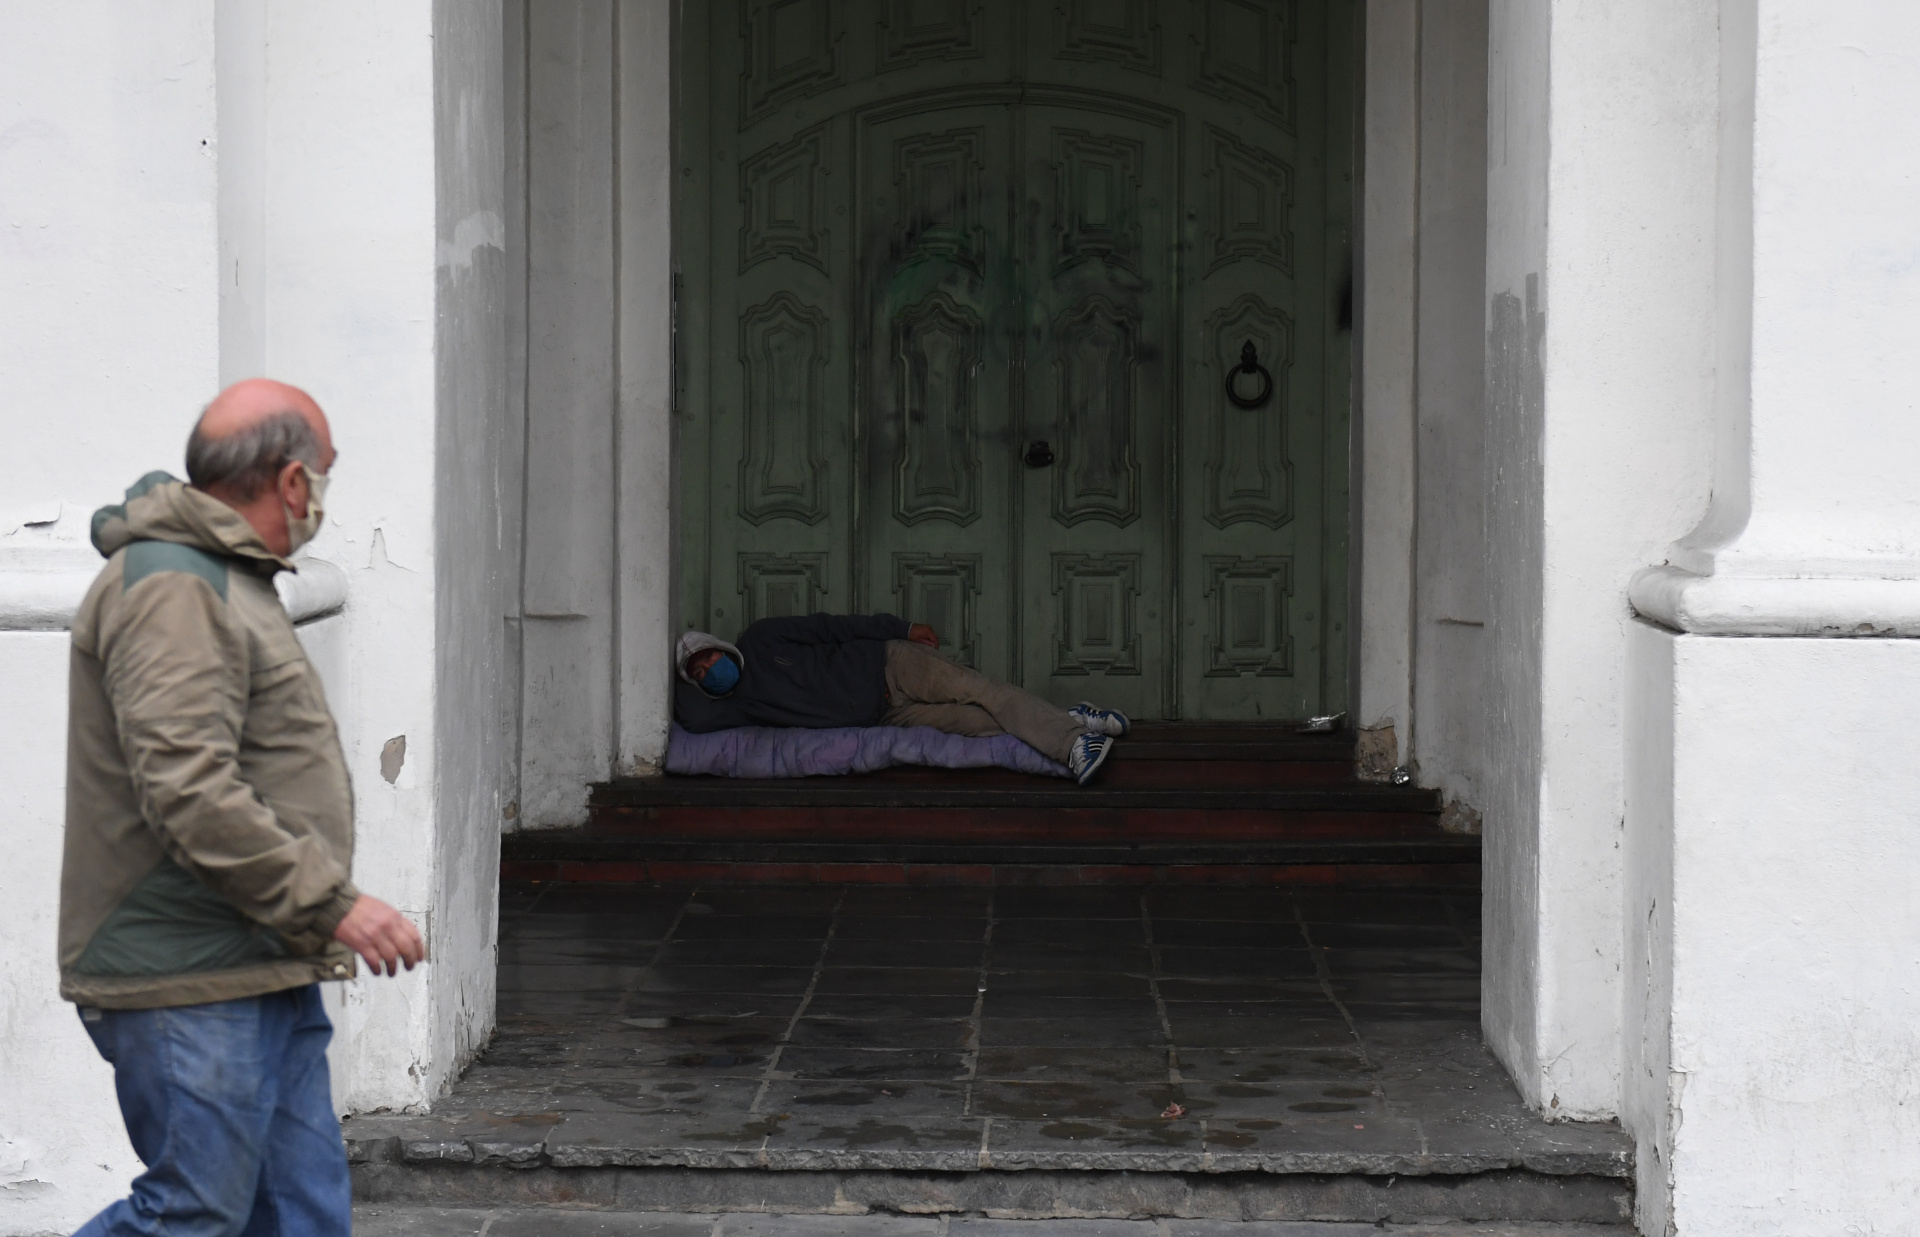 A pesar de que están suspendidos los desalojos tanto en viviendas como en hoteles por falta de pago durante la pandemia, muchos lugares echan a sus clientes, tal como fue el caso de Macrino, lo que incrementó también la cantidad de personas